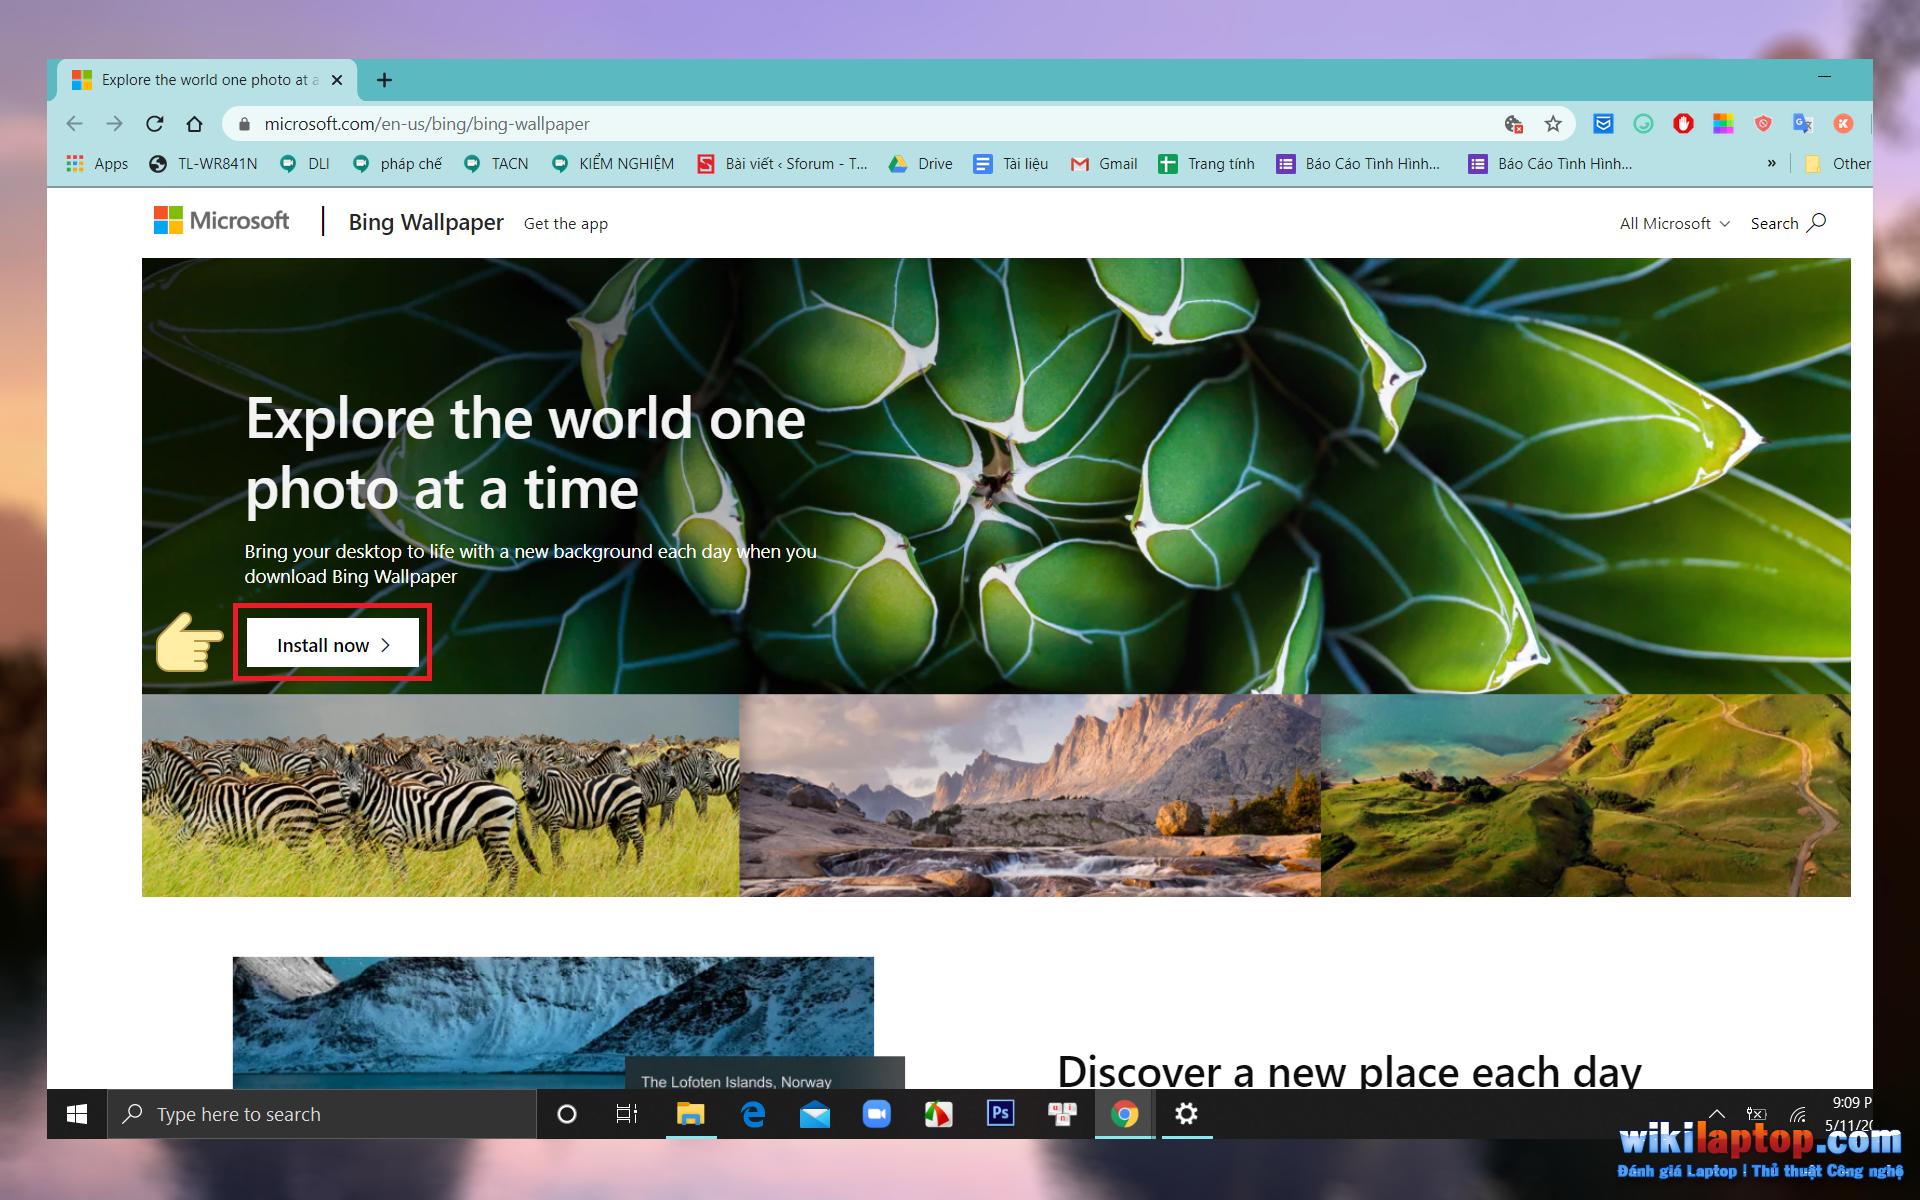 Sforum - Thay đổi trang thông tin công nghệ mới nhất-desktop-hình nền-ngay lập tức với Bing-Wallpaper1 Cách thay đổi hình nền máy tính tự động mỗi ngày thông qua ứng dụng Bing Wallpaper